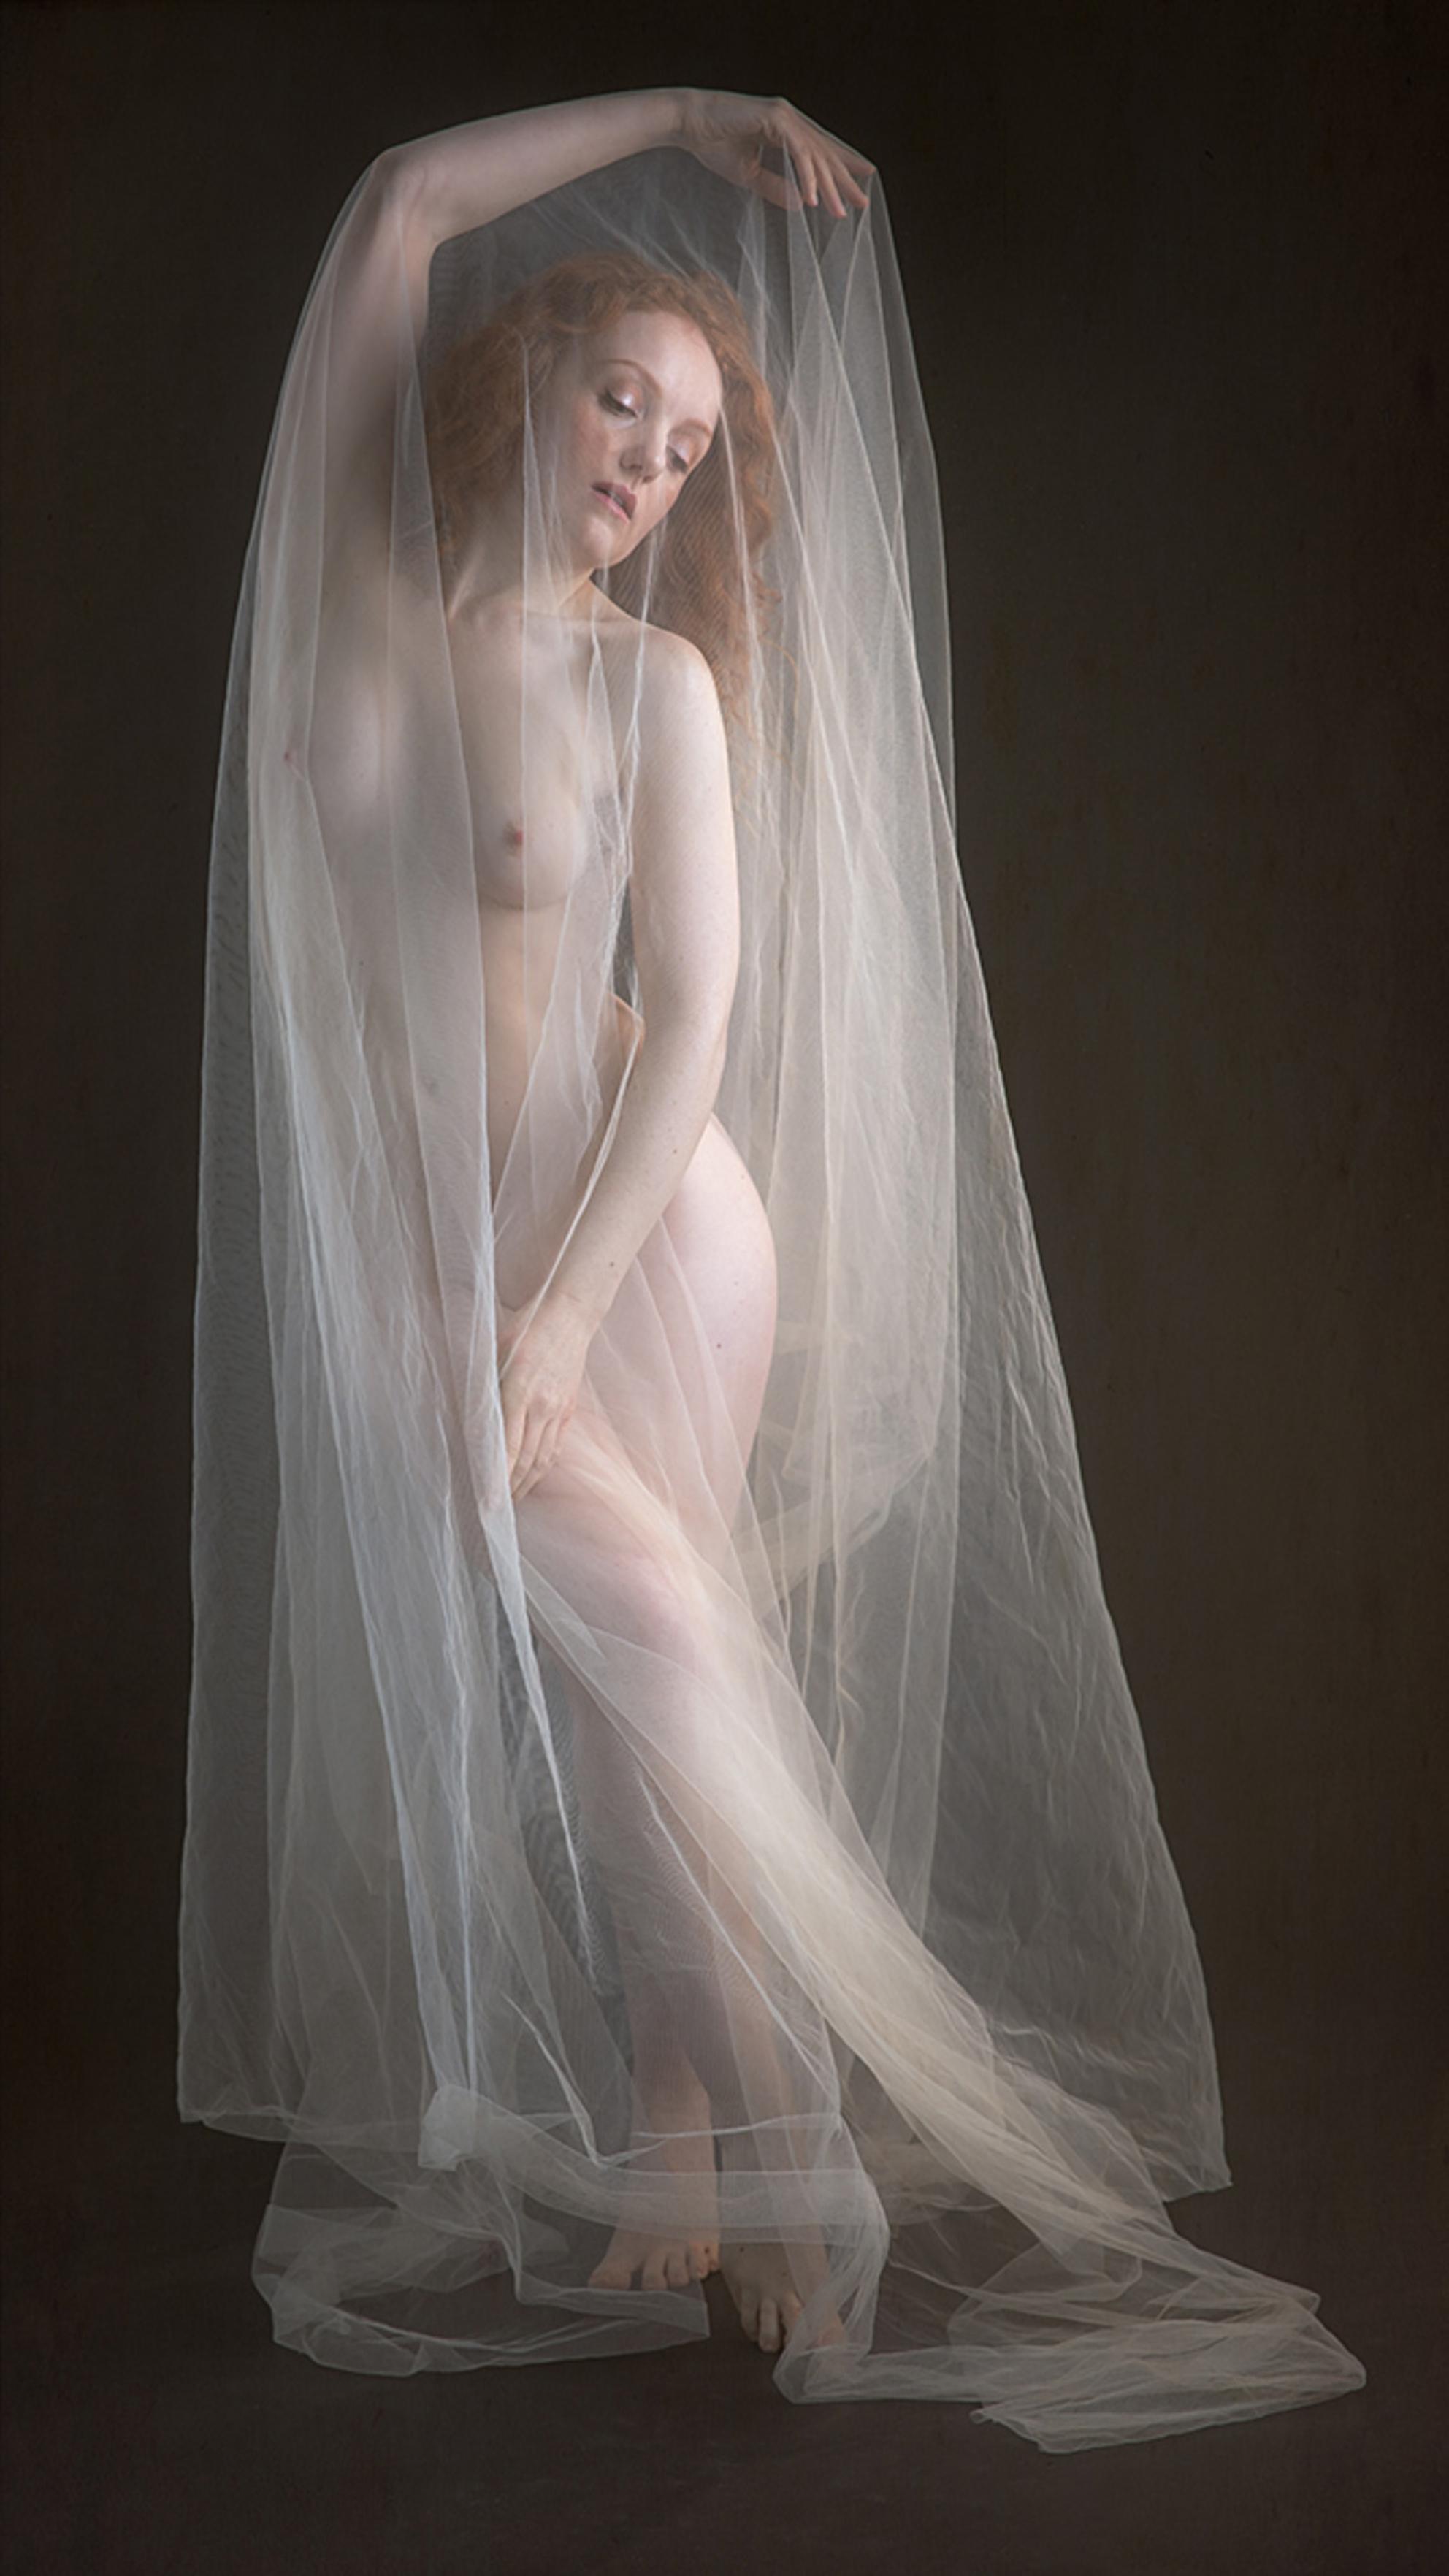 in sluiers - Ivory Flame - foto door jhslotboom op 09-02-2018 - deze foto bevat: vrouw, soft, licht, model, erotiek, naakt, pose, studio, klassiek, sluier, transparant, artistiek, roodharig, doorzichtig, redhead, Ivory flame